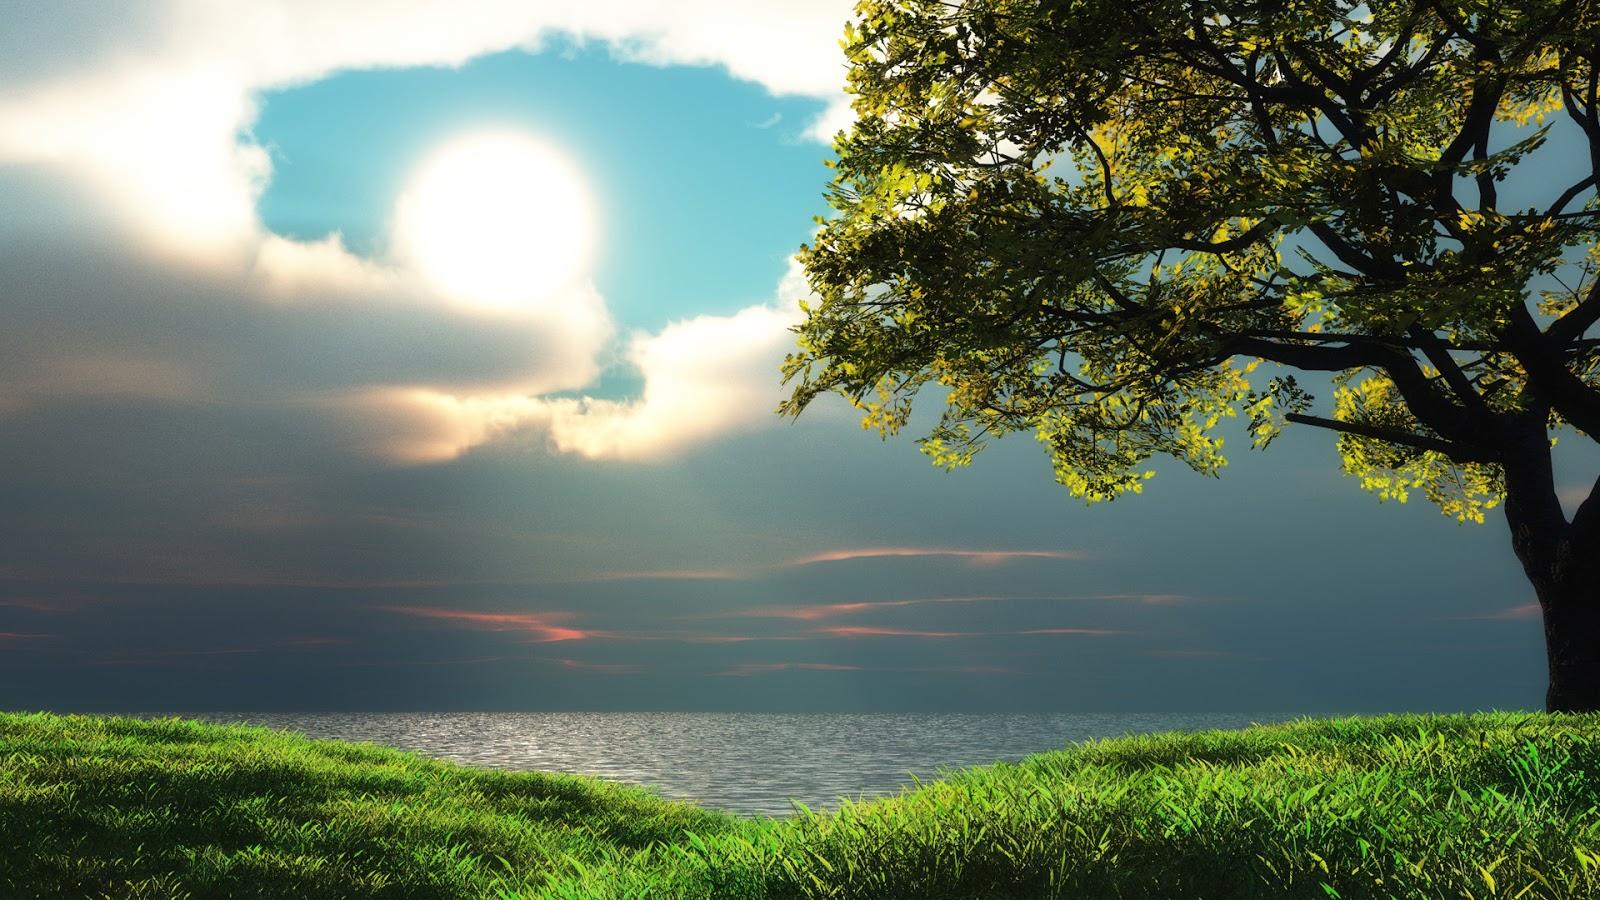 http://4.bp.blogspot.com/-wc3NbZmajs8/Tfb-Xu5tRII/AAAAAAAAAsA/iM5yx9J72fE/s1600/Beautiful-Nature-Landscape-HD-11.jpg